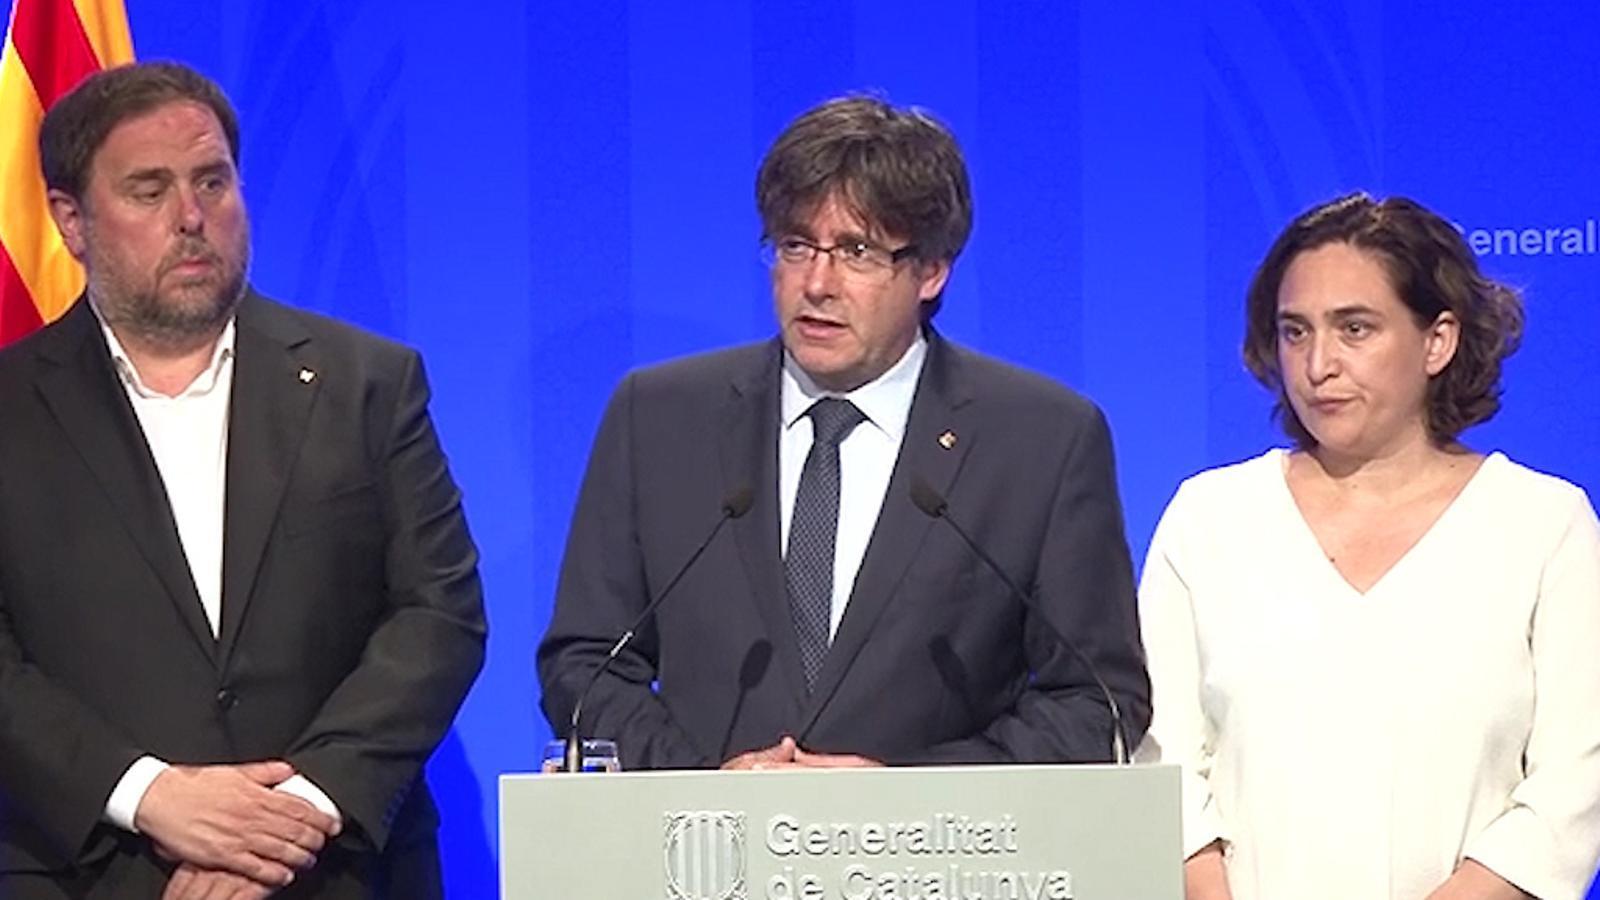 Declaració institucional del president de la Generalitat, Carles Puigdemont i Ada Colau per condemnar l'atac terrorista